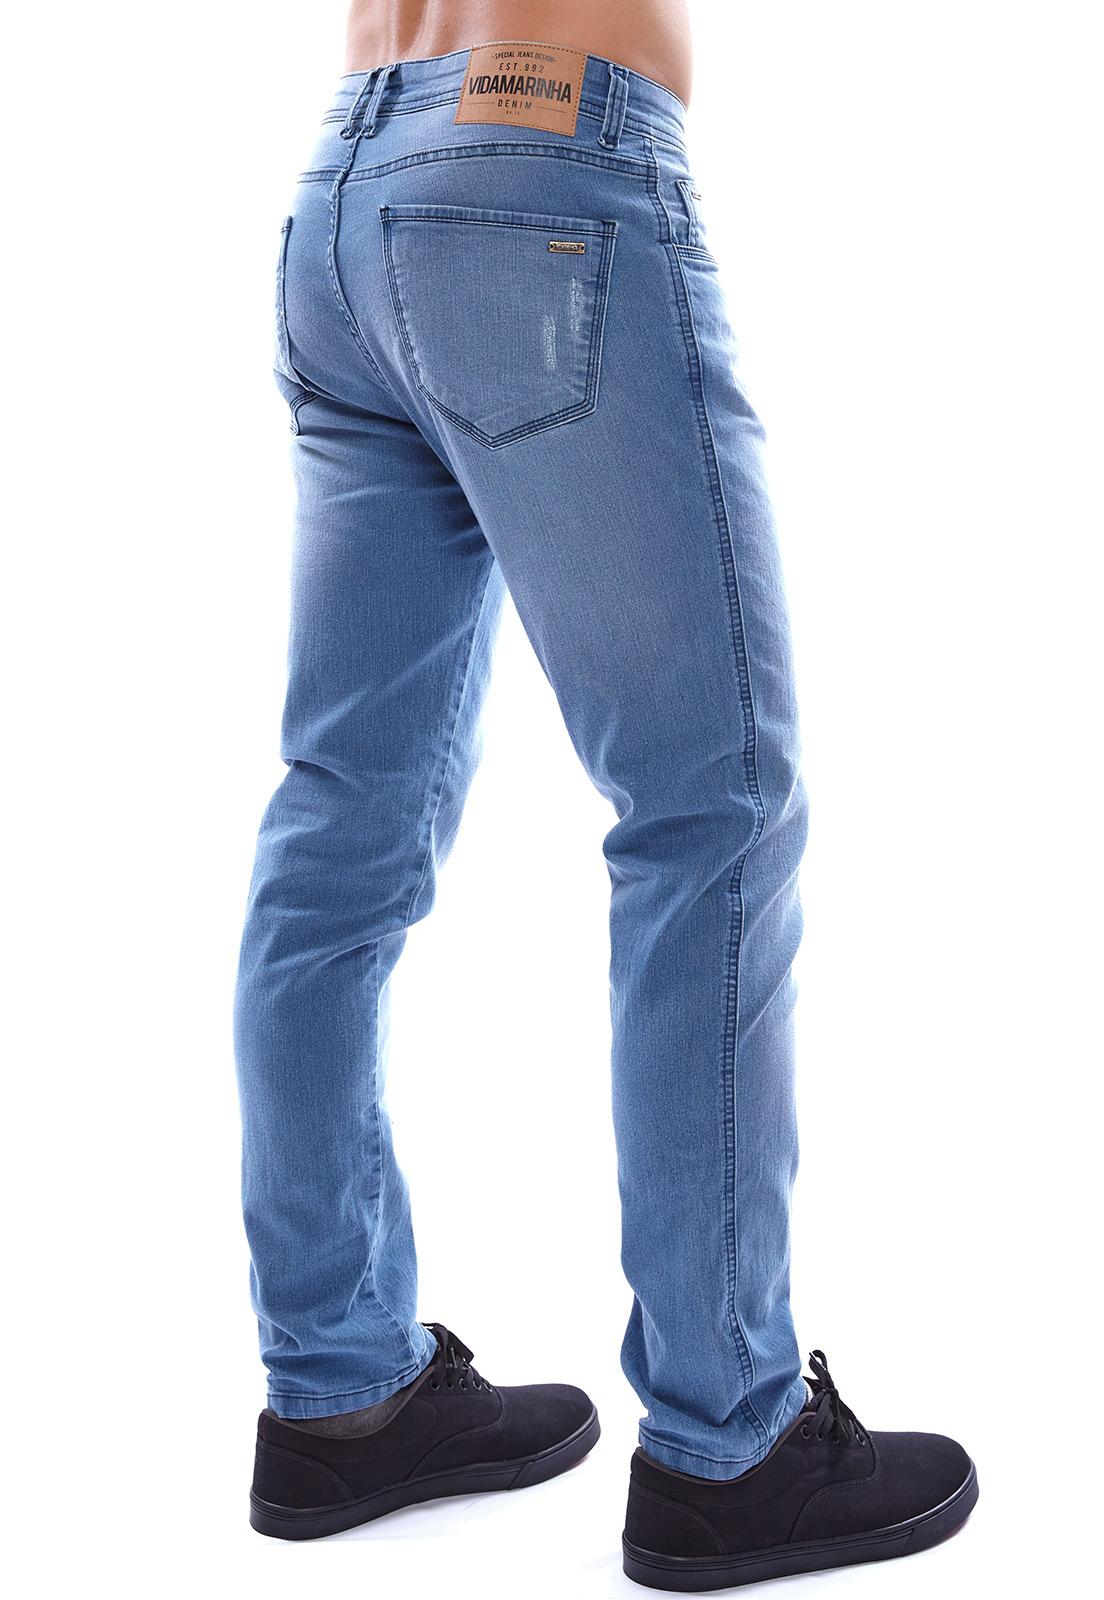 Calça Jeans Vida Marinha Skinny Azul Claro